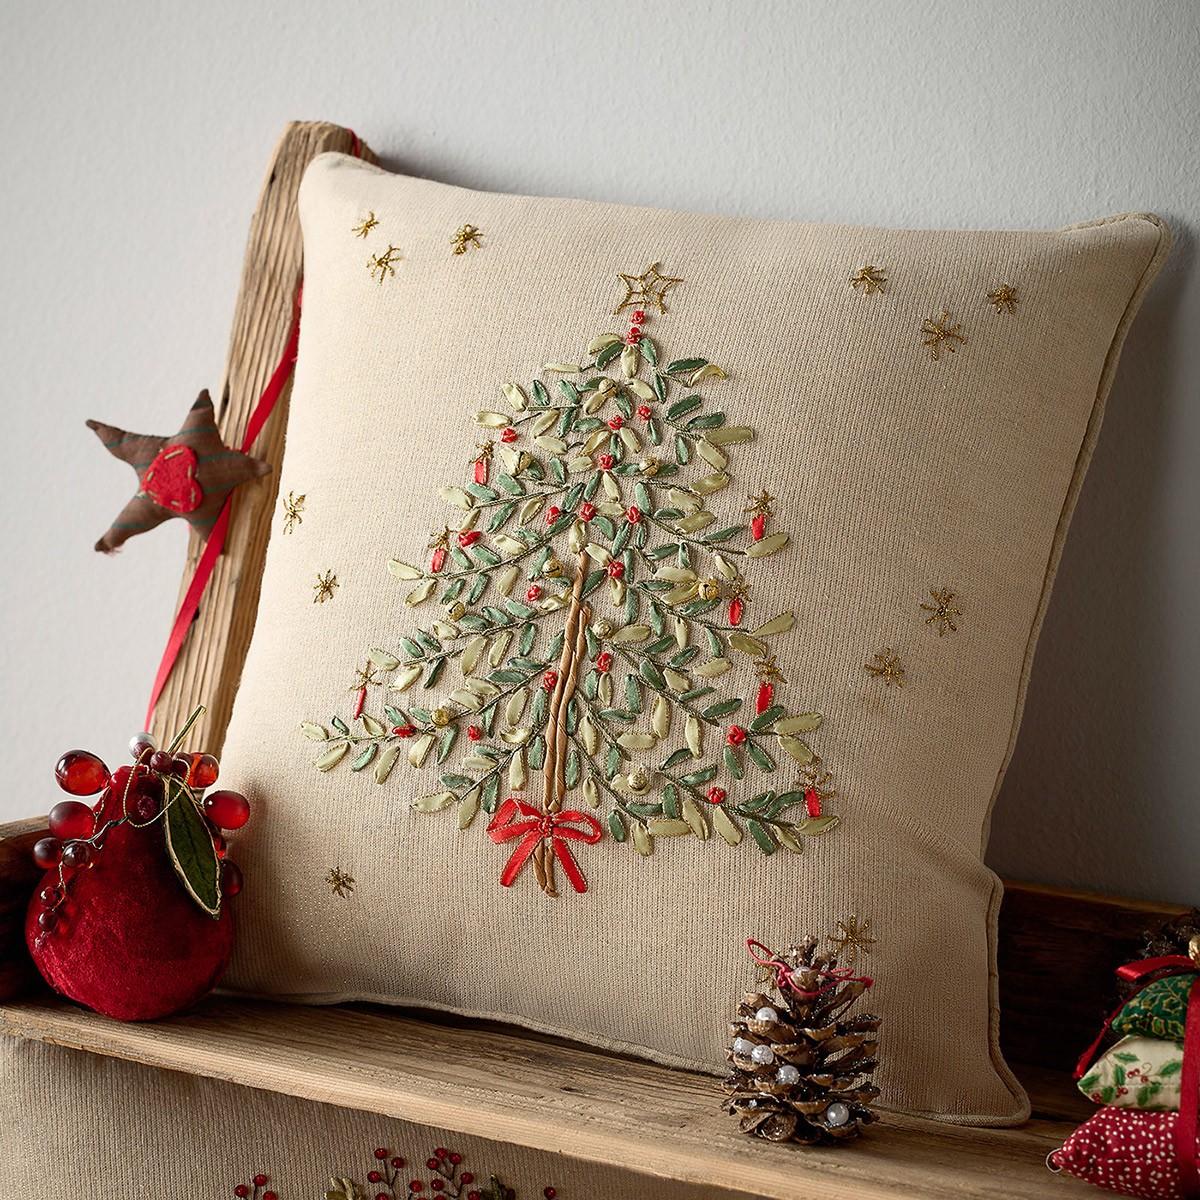 Χριστουγεννιάτικη Μαξιλαροθήκη Gofis Home 828